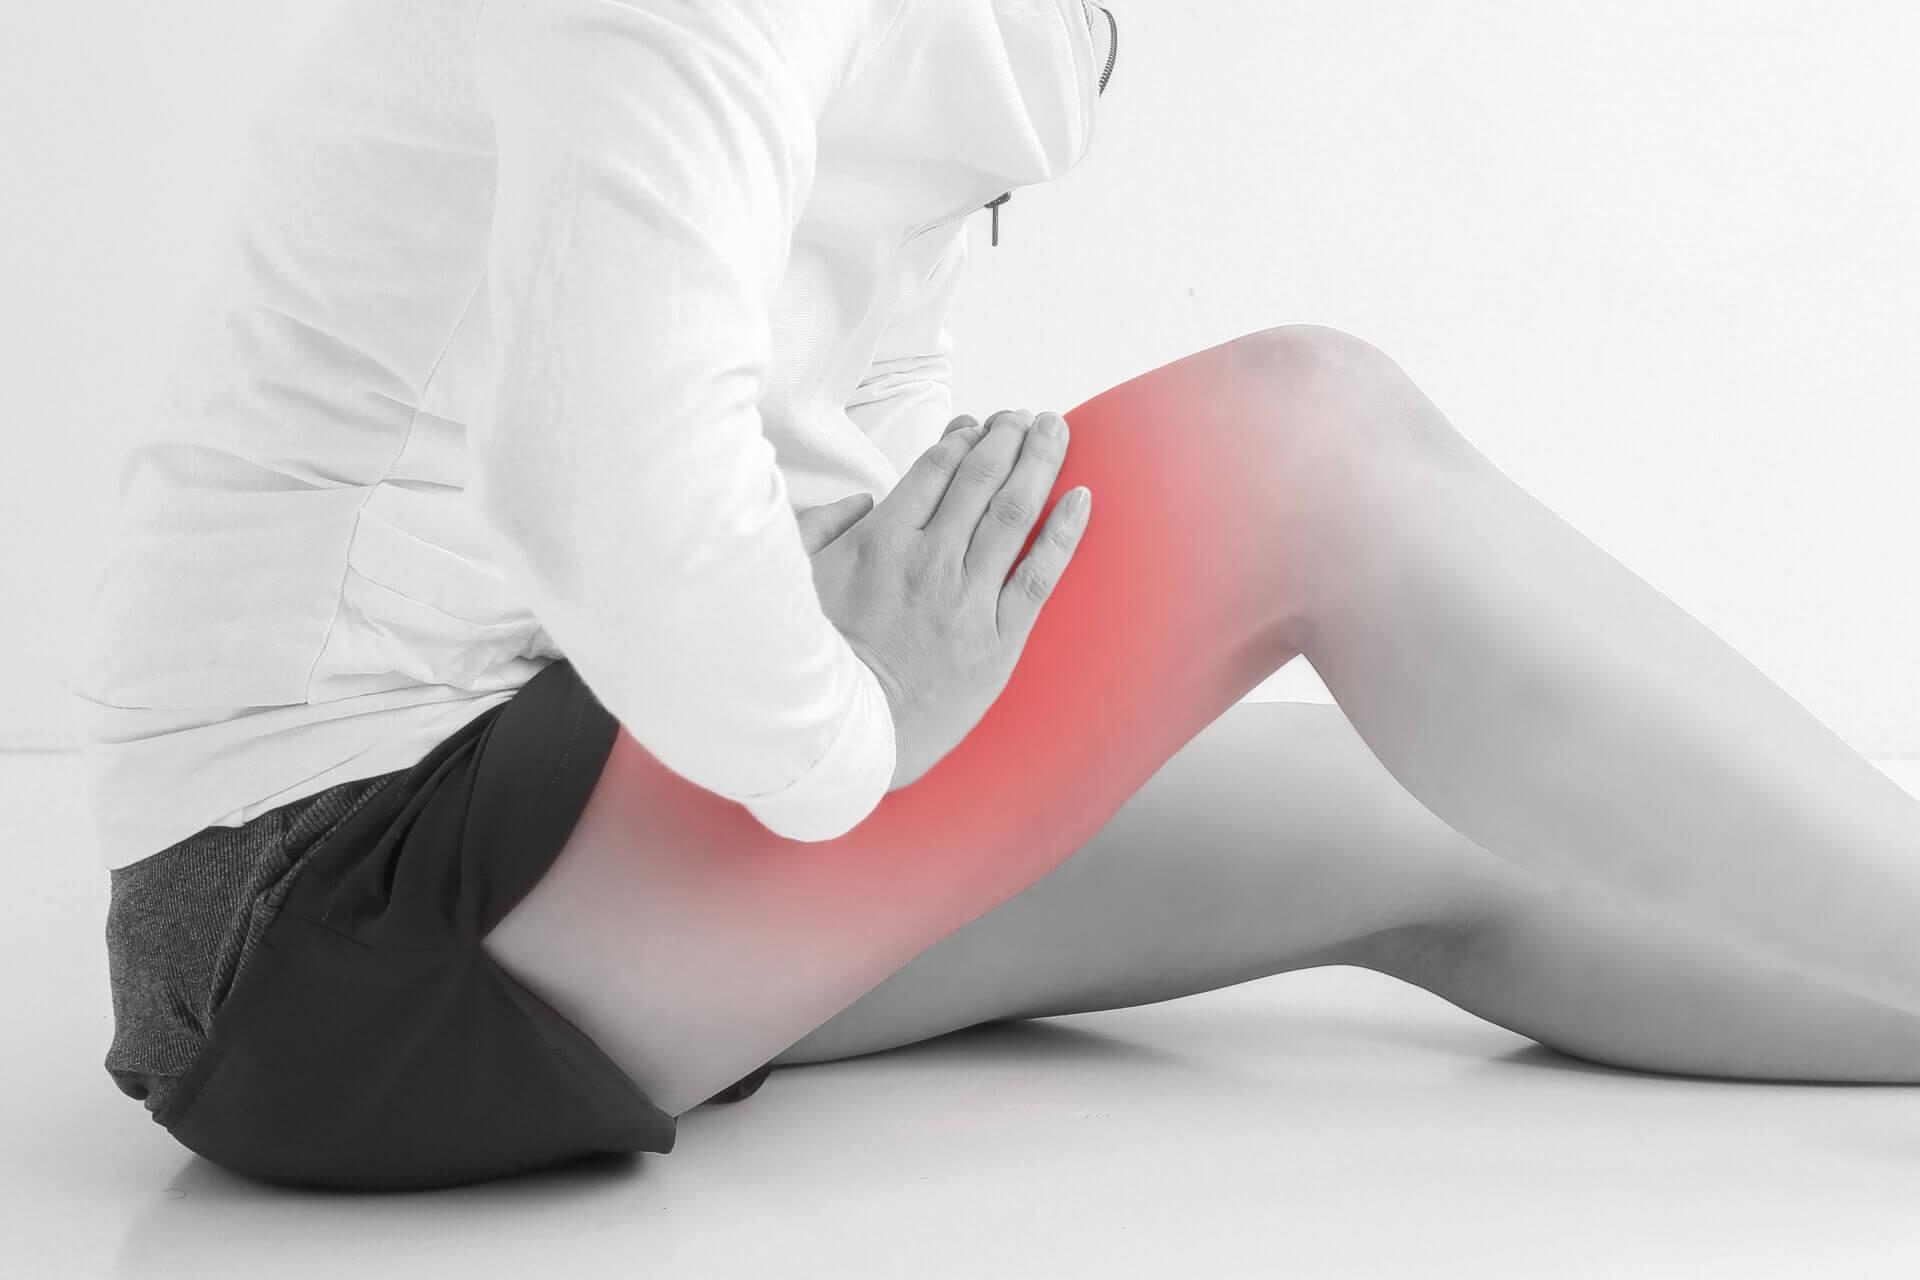 乳酸不是運動疲勞的主因 也不會造成肌肉酸痛